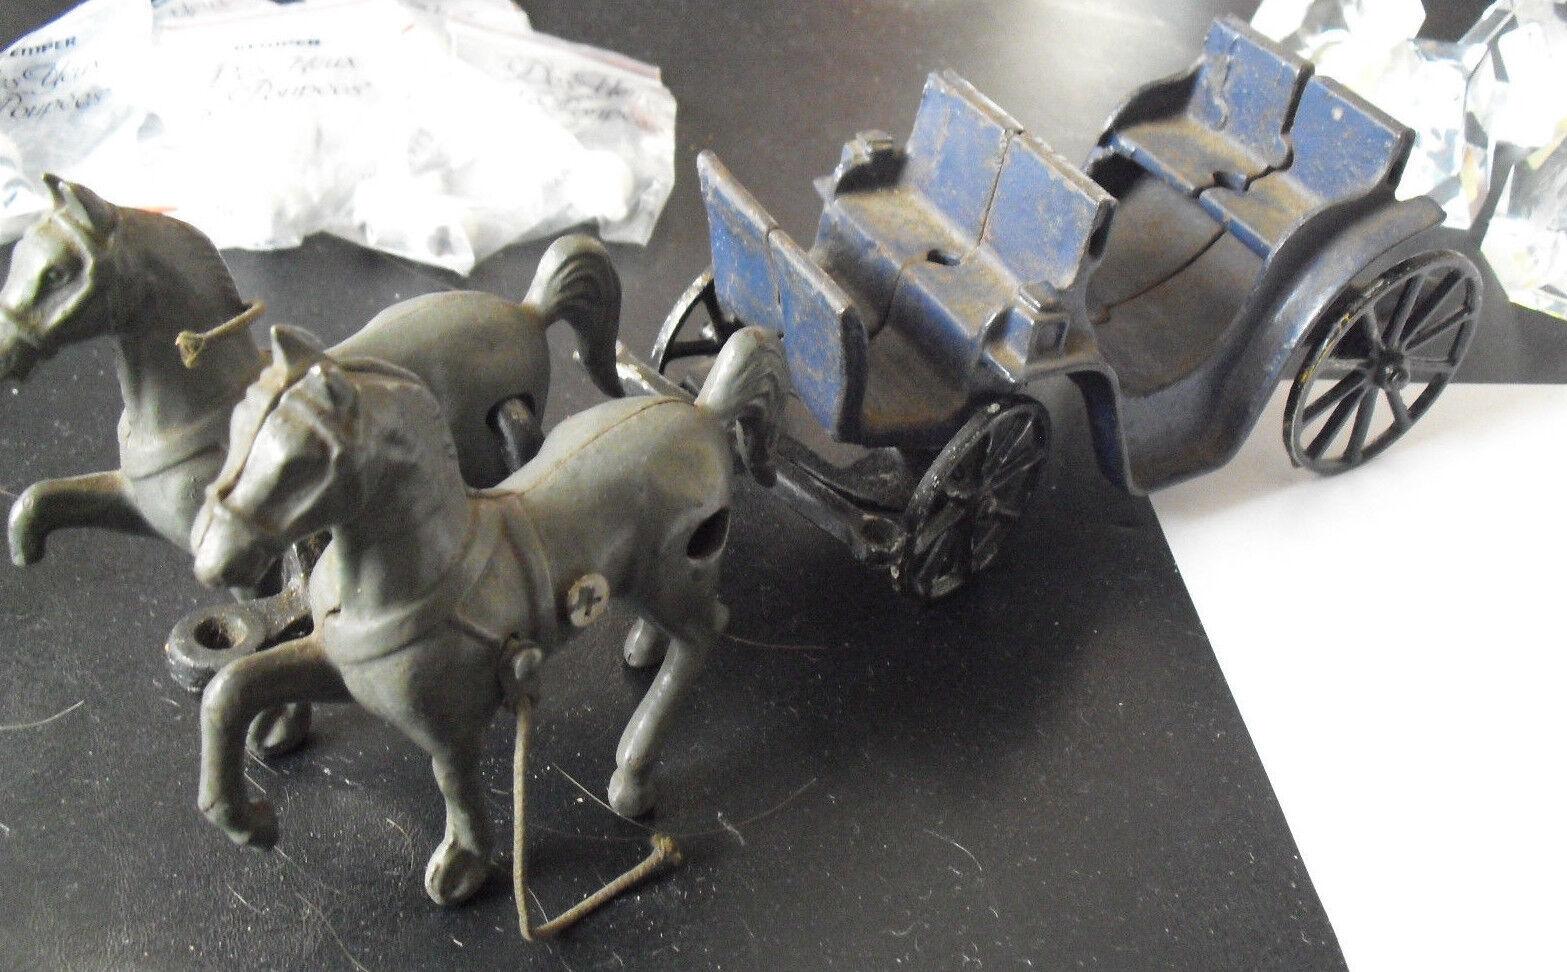 Hierro fundido antiguos dos caballos dibujado dibujado dibujado carro Stanley Juguetes 11 1 2  de largo  nueva marca